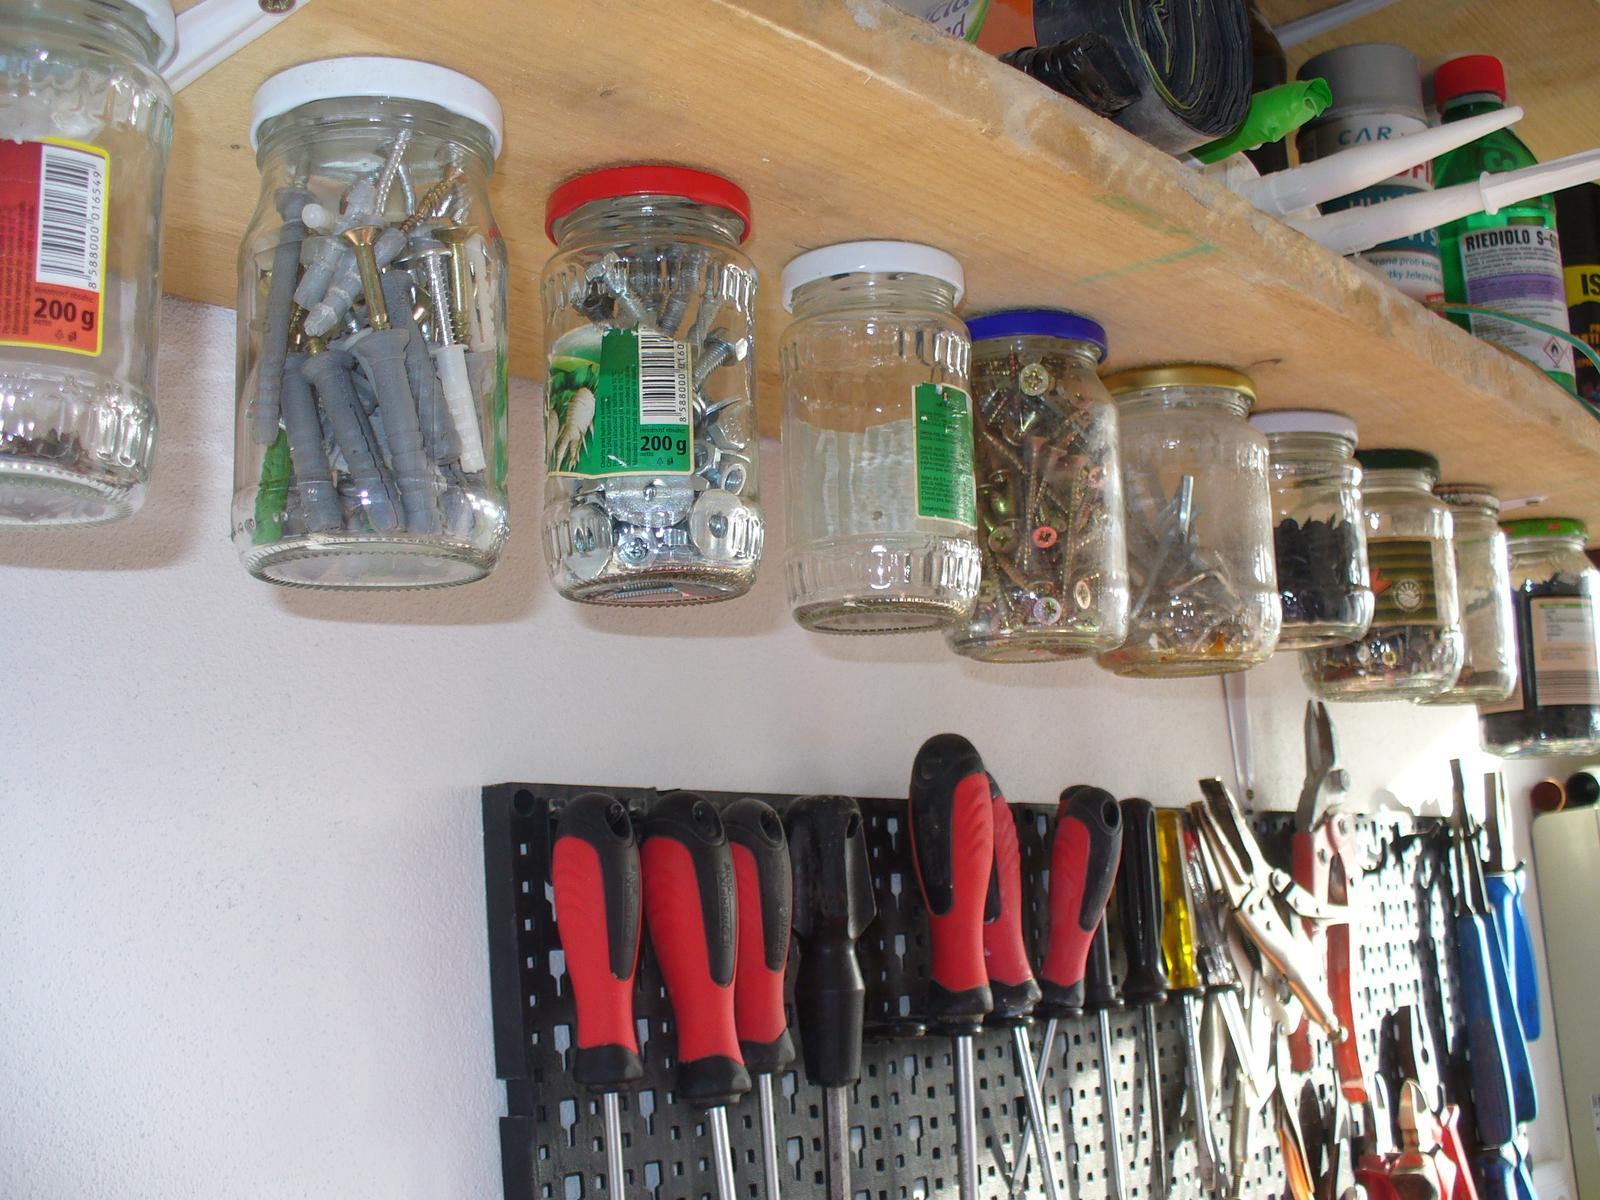 Náš domček na kopci :-D - náš úložný systém na šróby a klince :-)